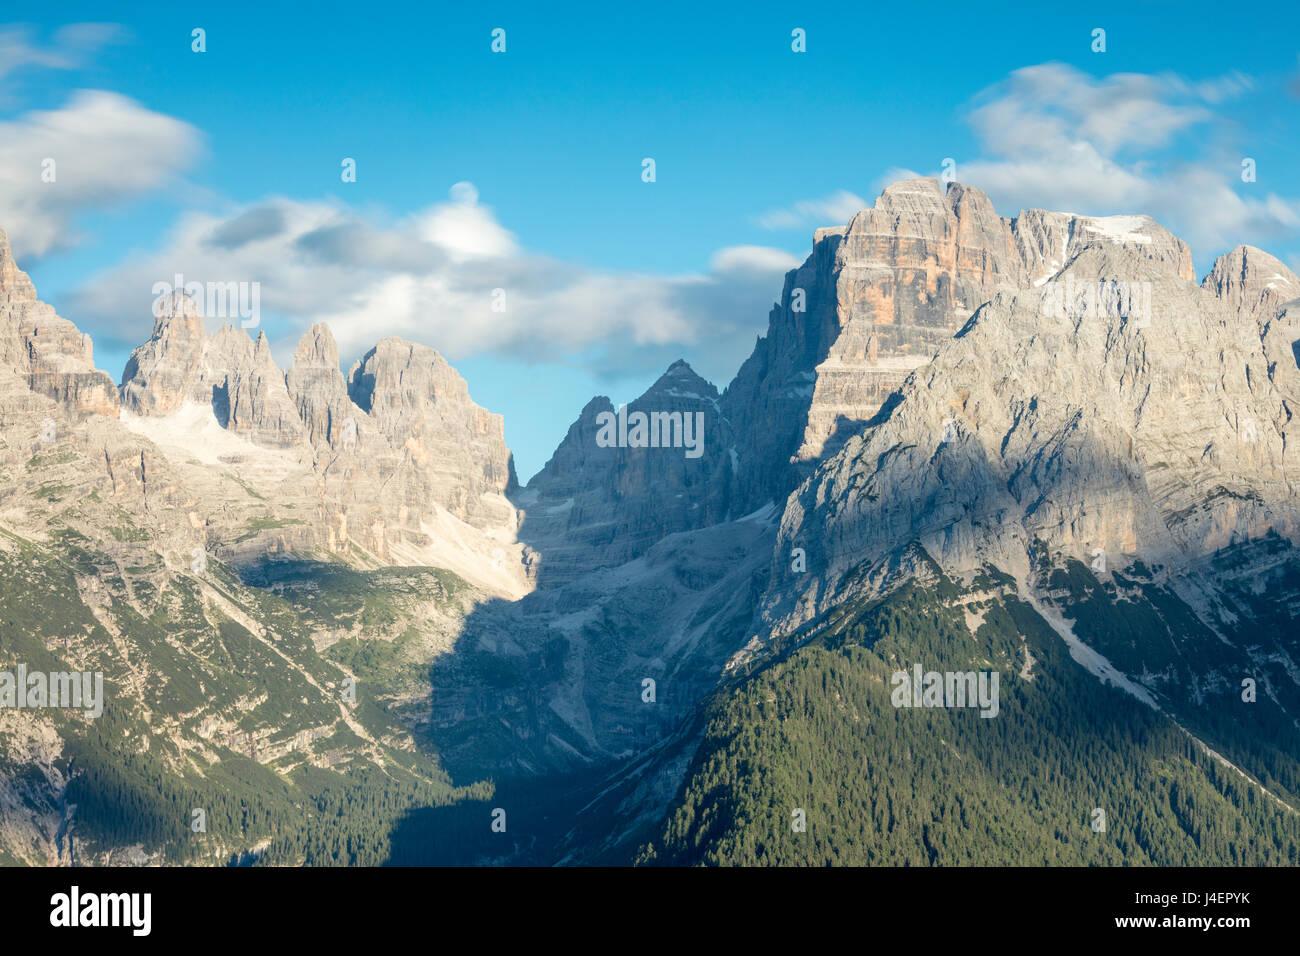 View of the high rocky peaks from Malga Ritorto, Madonna di Campiglio, Brenta Dolomites, Trentino-Alto Adige, Italy, - Stock Image